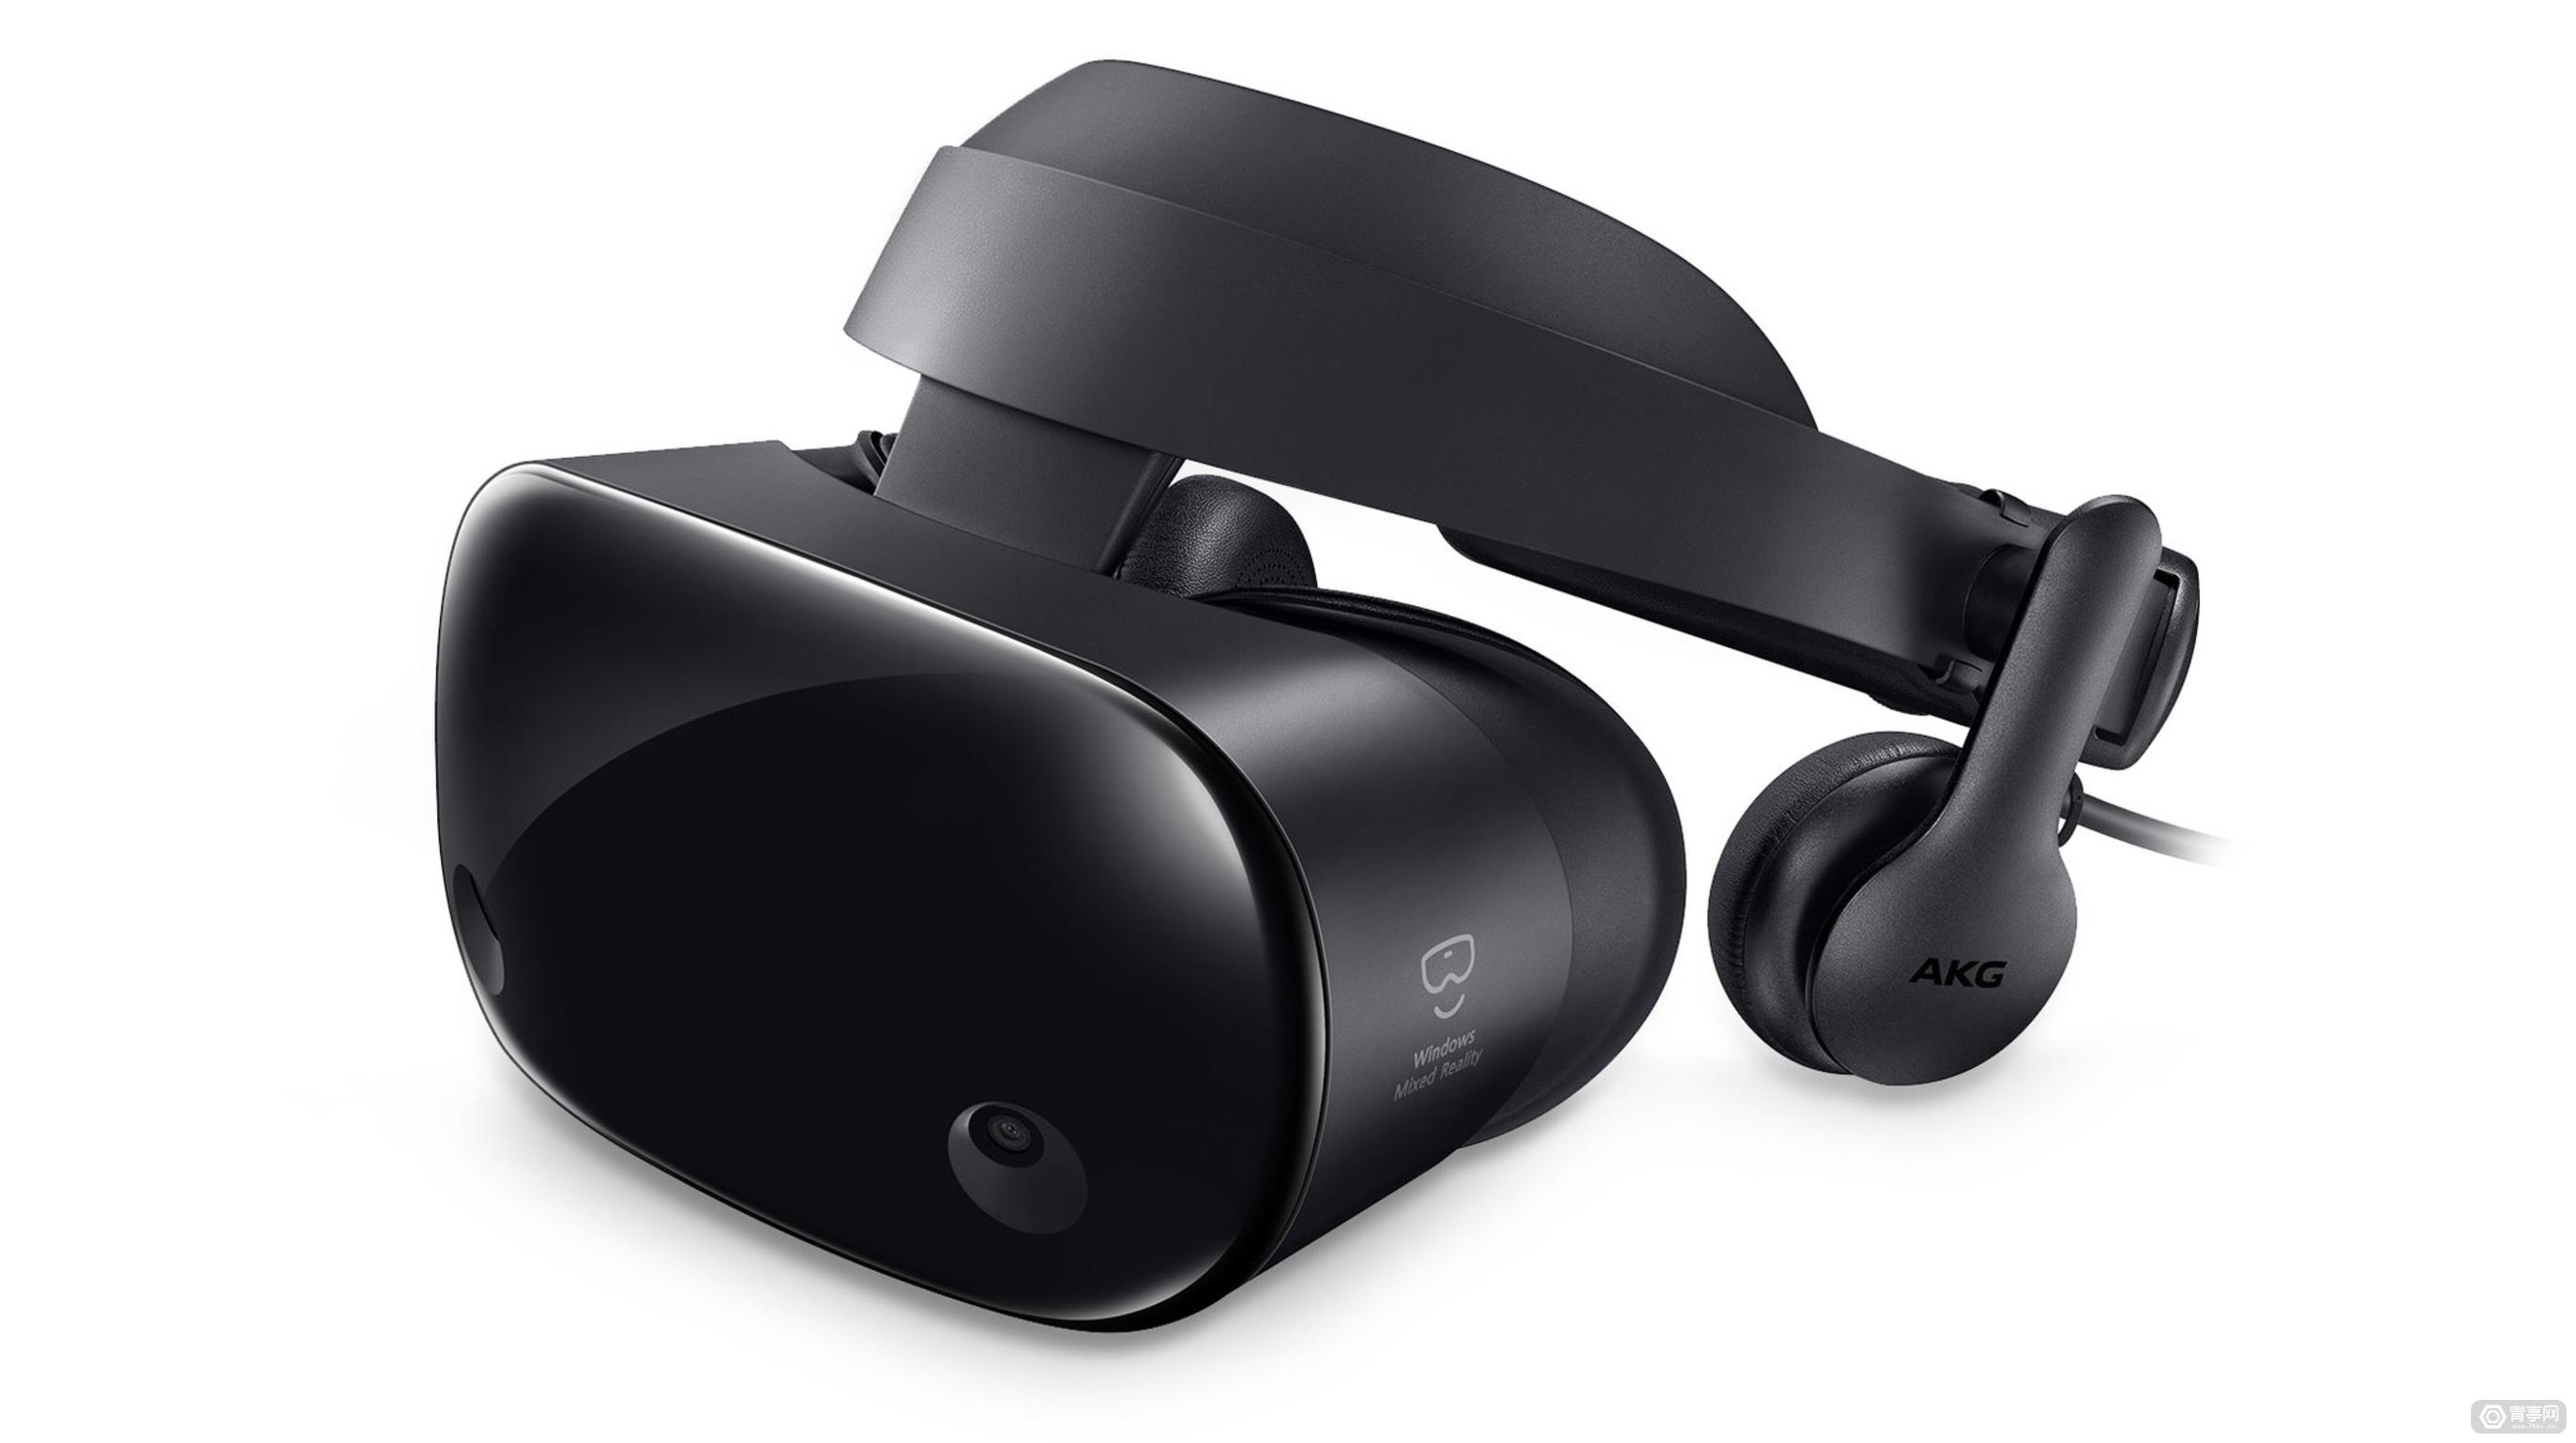 微软握手三星?三星版Windows VR头盔图片疑泄出,带AKG耳机